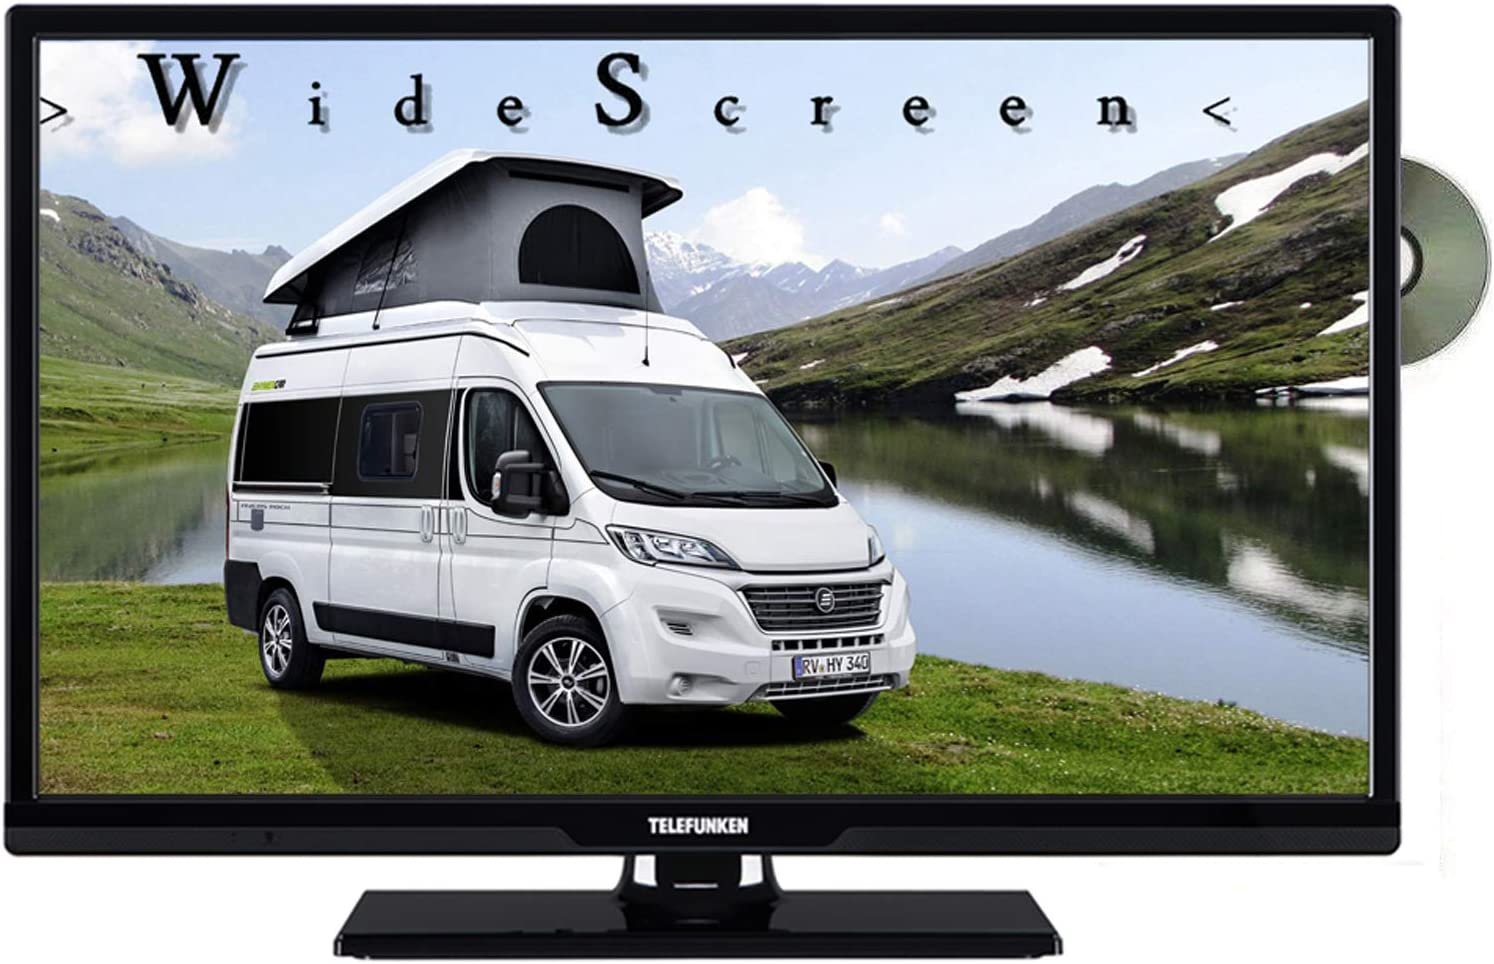 Telefunken l24h274dvd LED TV de 24 Pulgadas 61 cm Widescreen Pantalla, TV con DVB-S/S2, DVB-T2, DVB-C, DVD, USB, Clase de eficiencia energética A +, 12 V 230 V: Amazon.es: Electrónica